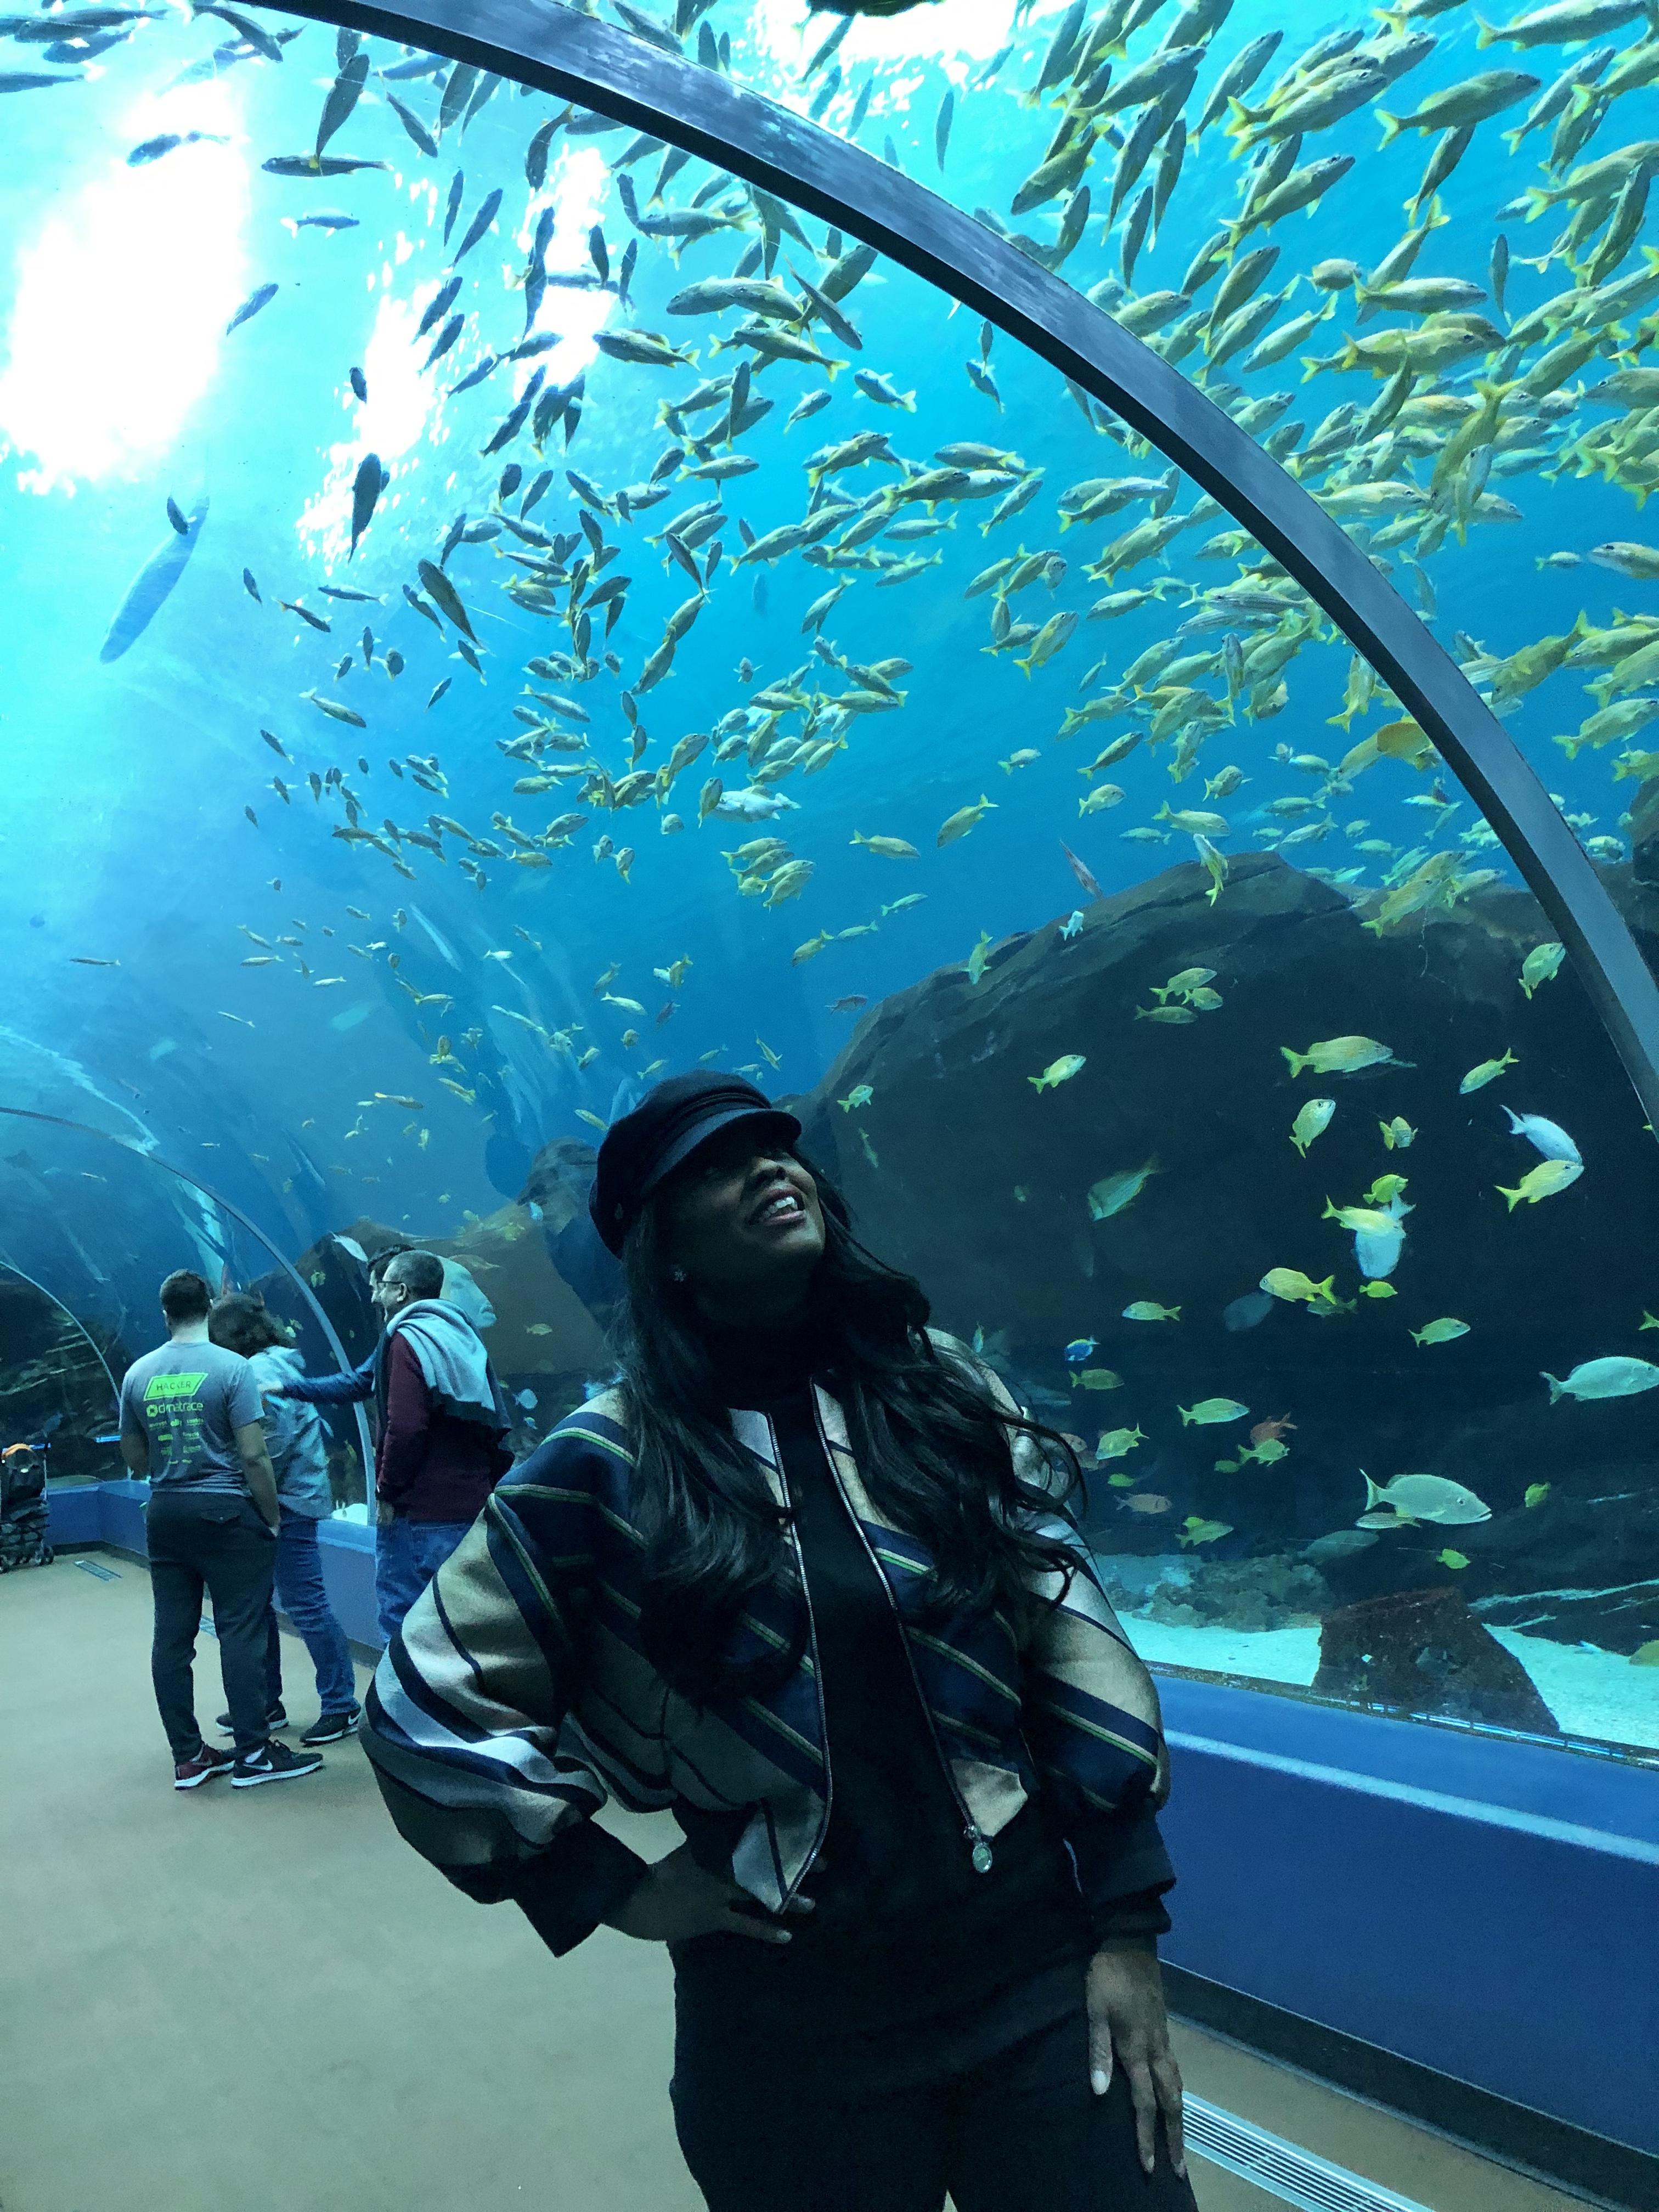 Five Reasons To Visit The Georgia Aquarium